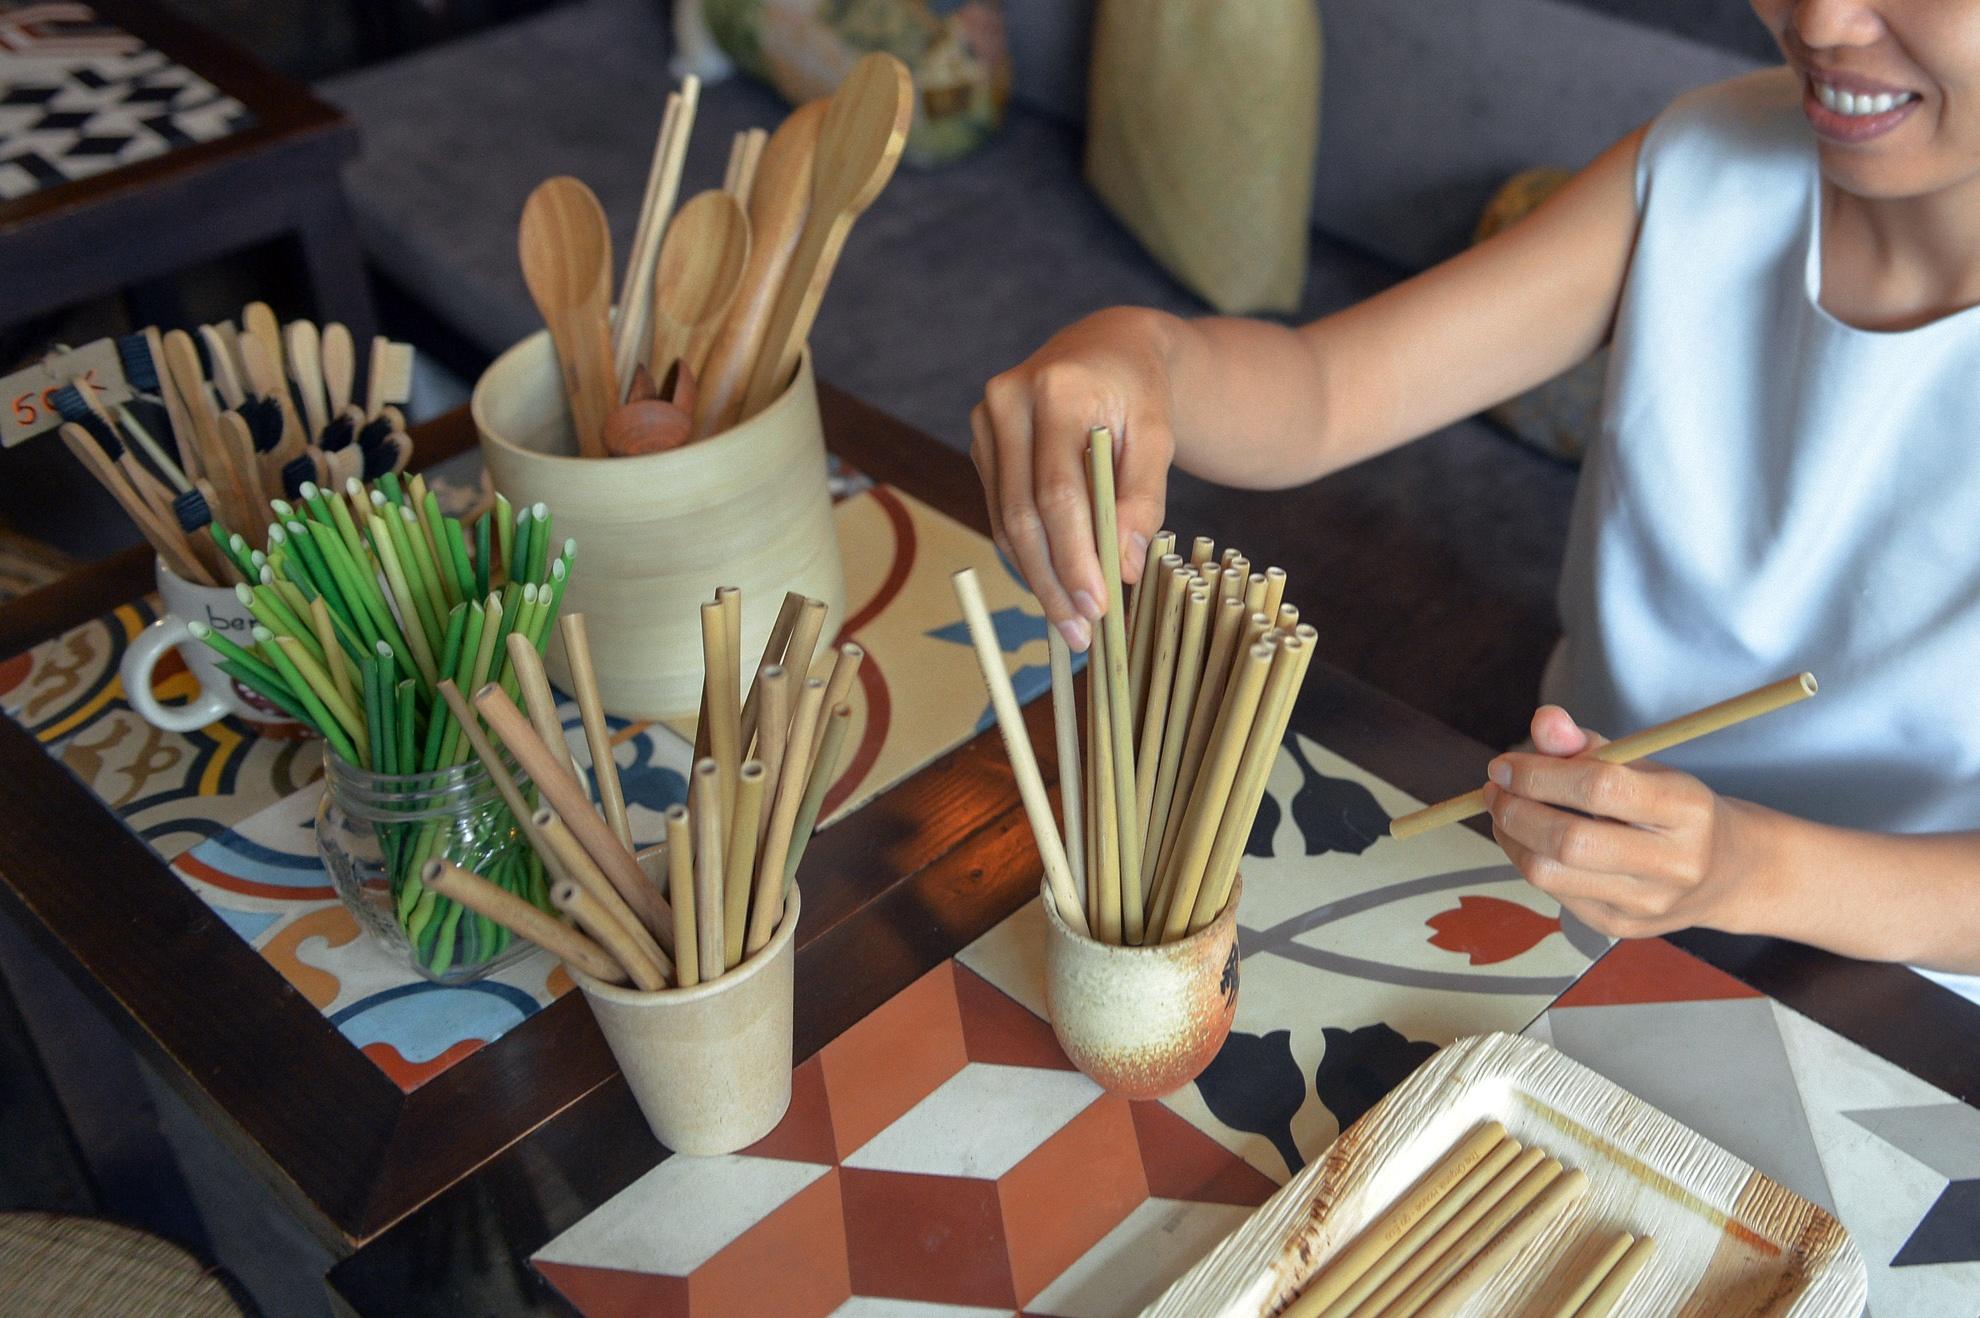 Chang nong dan 'khung' va giac mo ong hut tre hinh anh 24